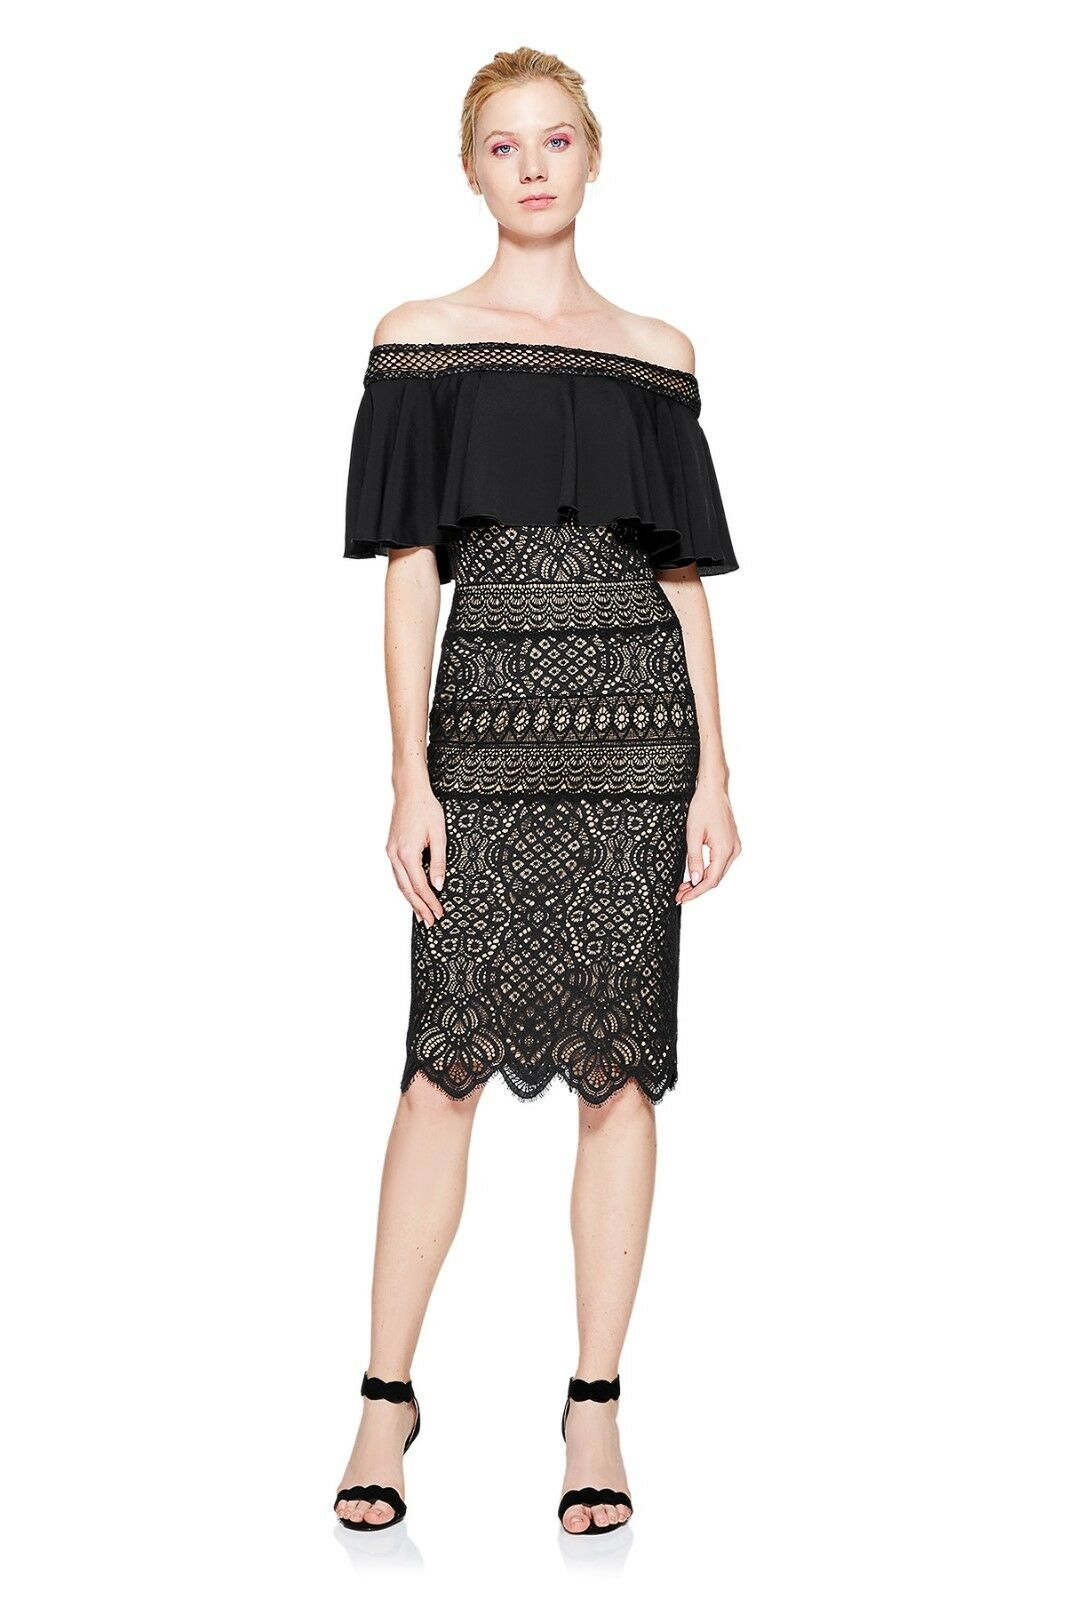 Tadashi Shoji Alexia off-the-hombro vestido, AVF17395M, Negro  desnudo, 4  colores increíbles